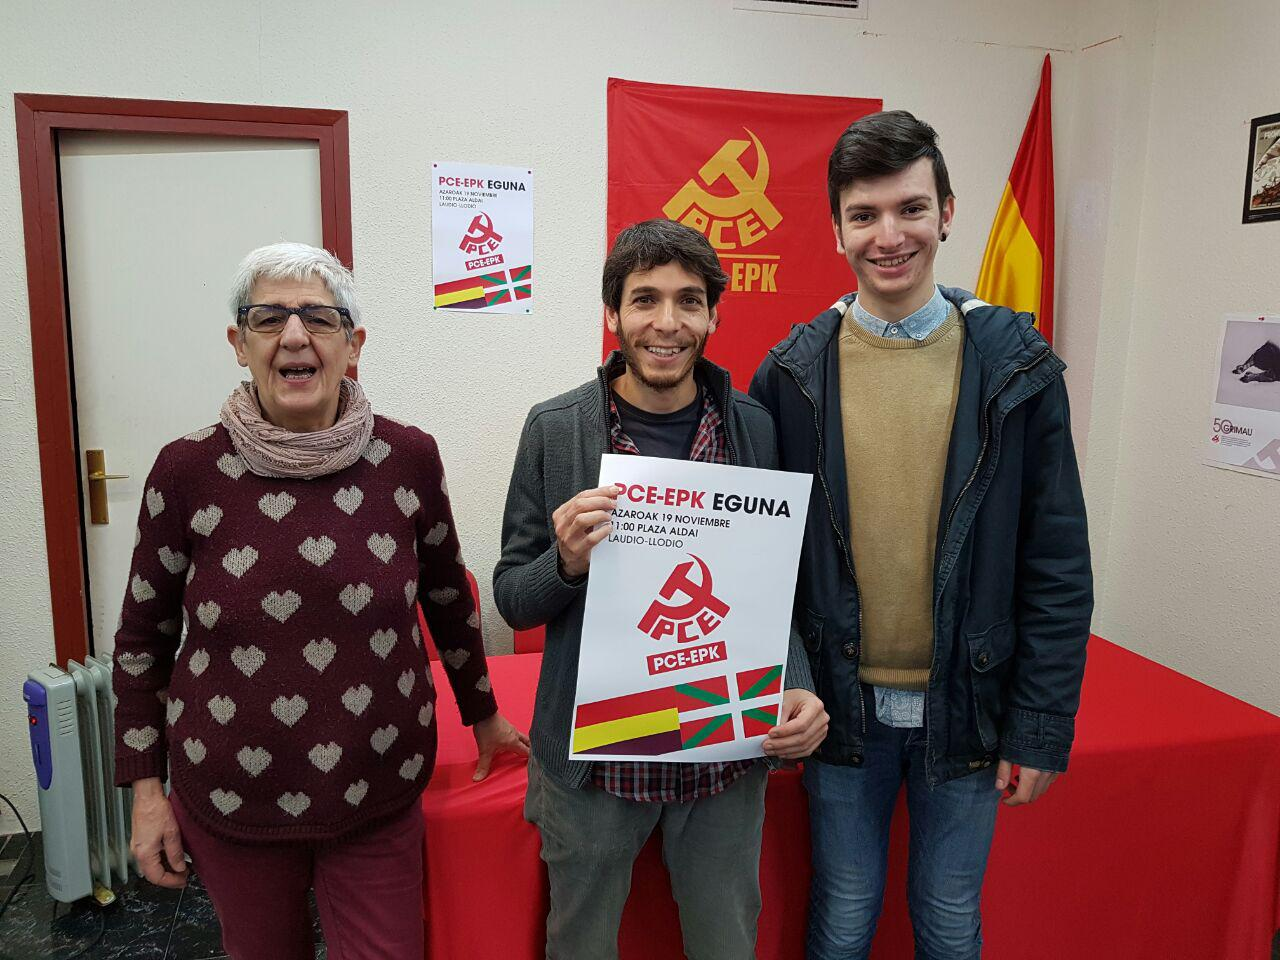 El Partido Comunista de Euskadi-EPK celebra este fin de semana en la localidad alavesa de Laudio-Llodio su fiesta anual rebautizada como EPK Eguna